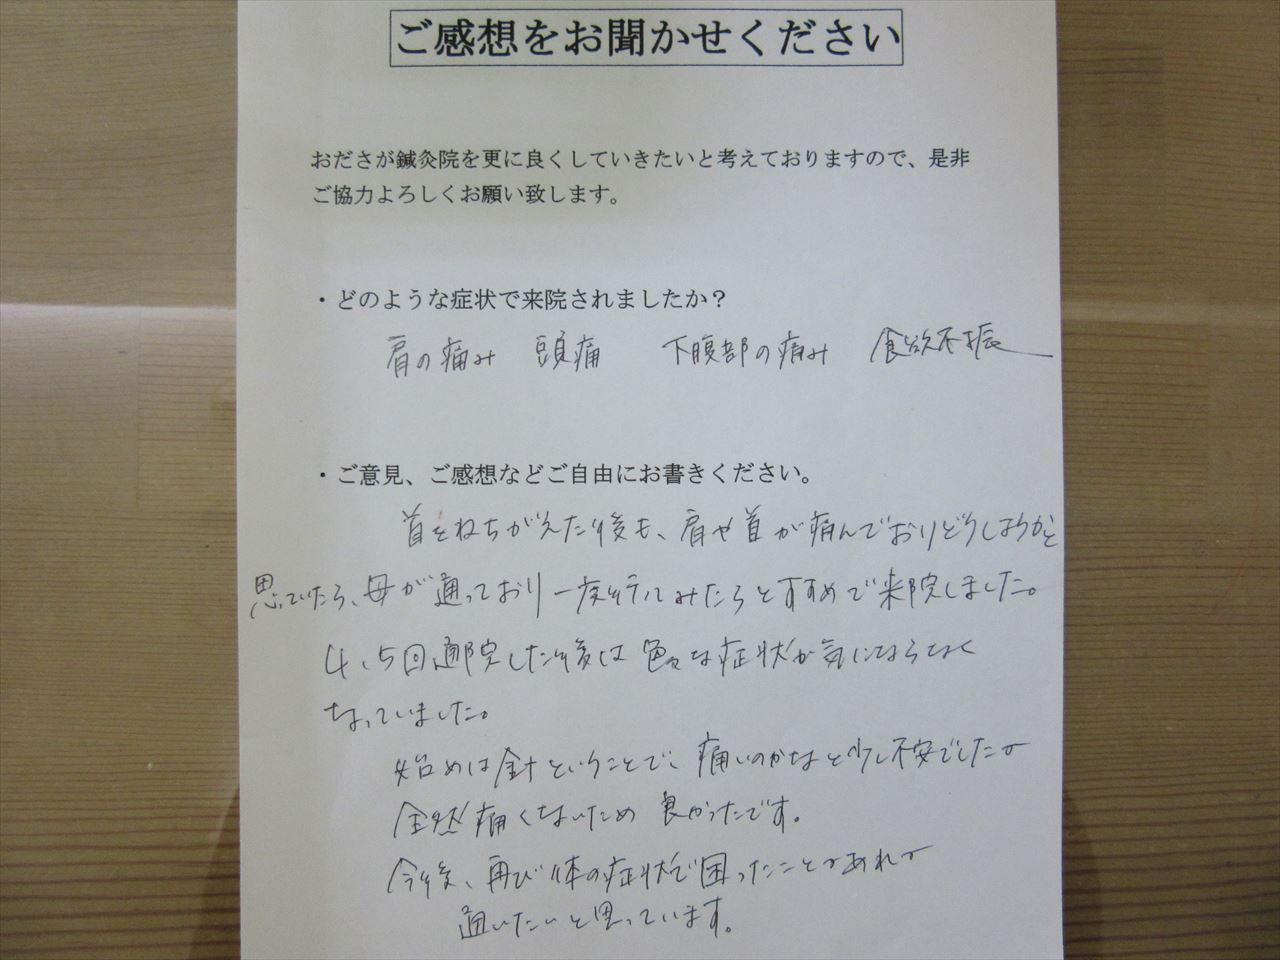 患者からの 手書手紙 事務員 肩の痛み、頭痛、下腹部の痛み、食欲不振